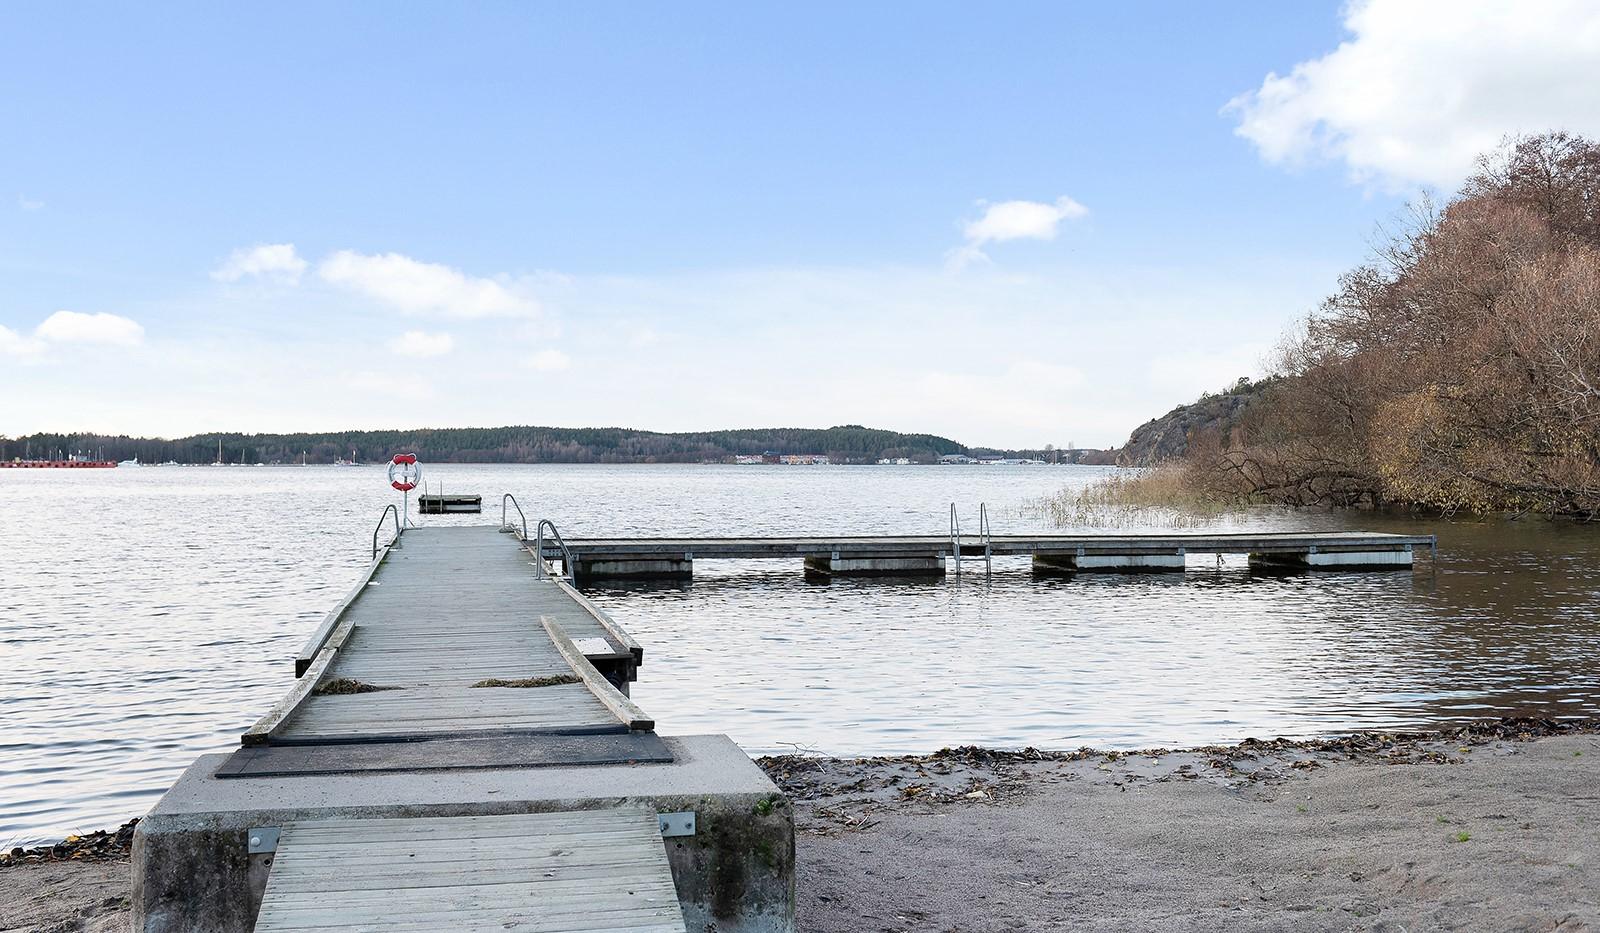 Vårby allé 31, 1tr - Fina badplatser ett stenkast från lägenheten